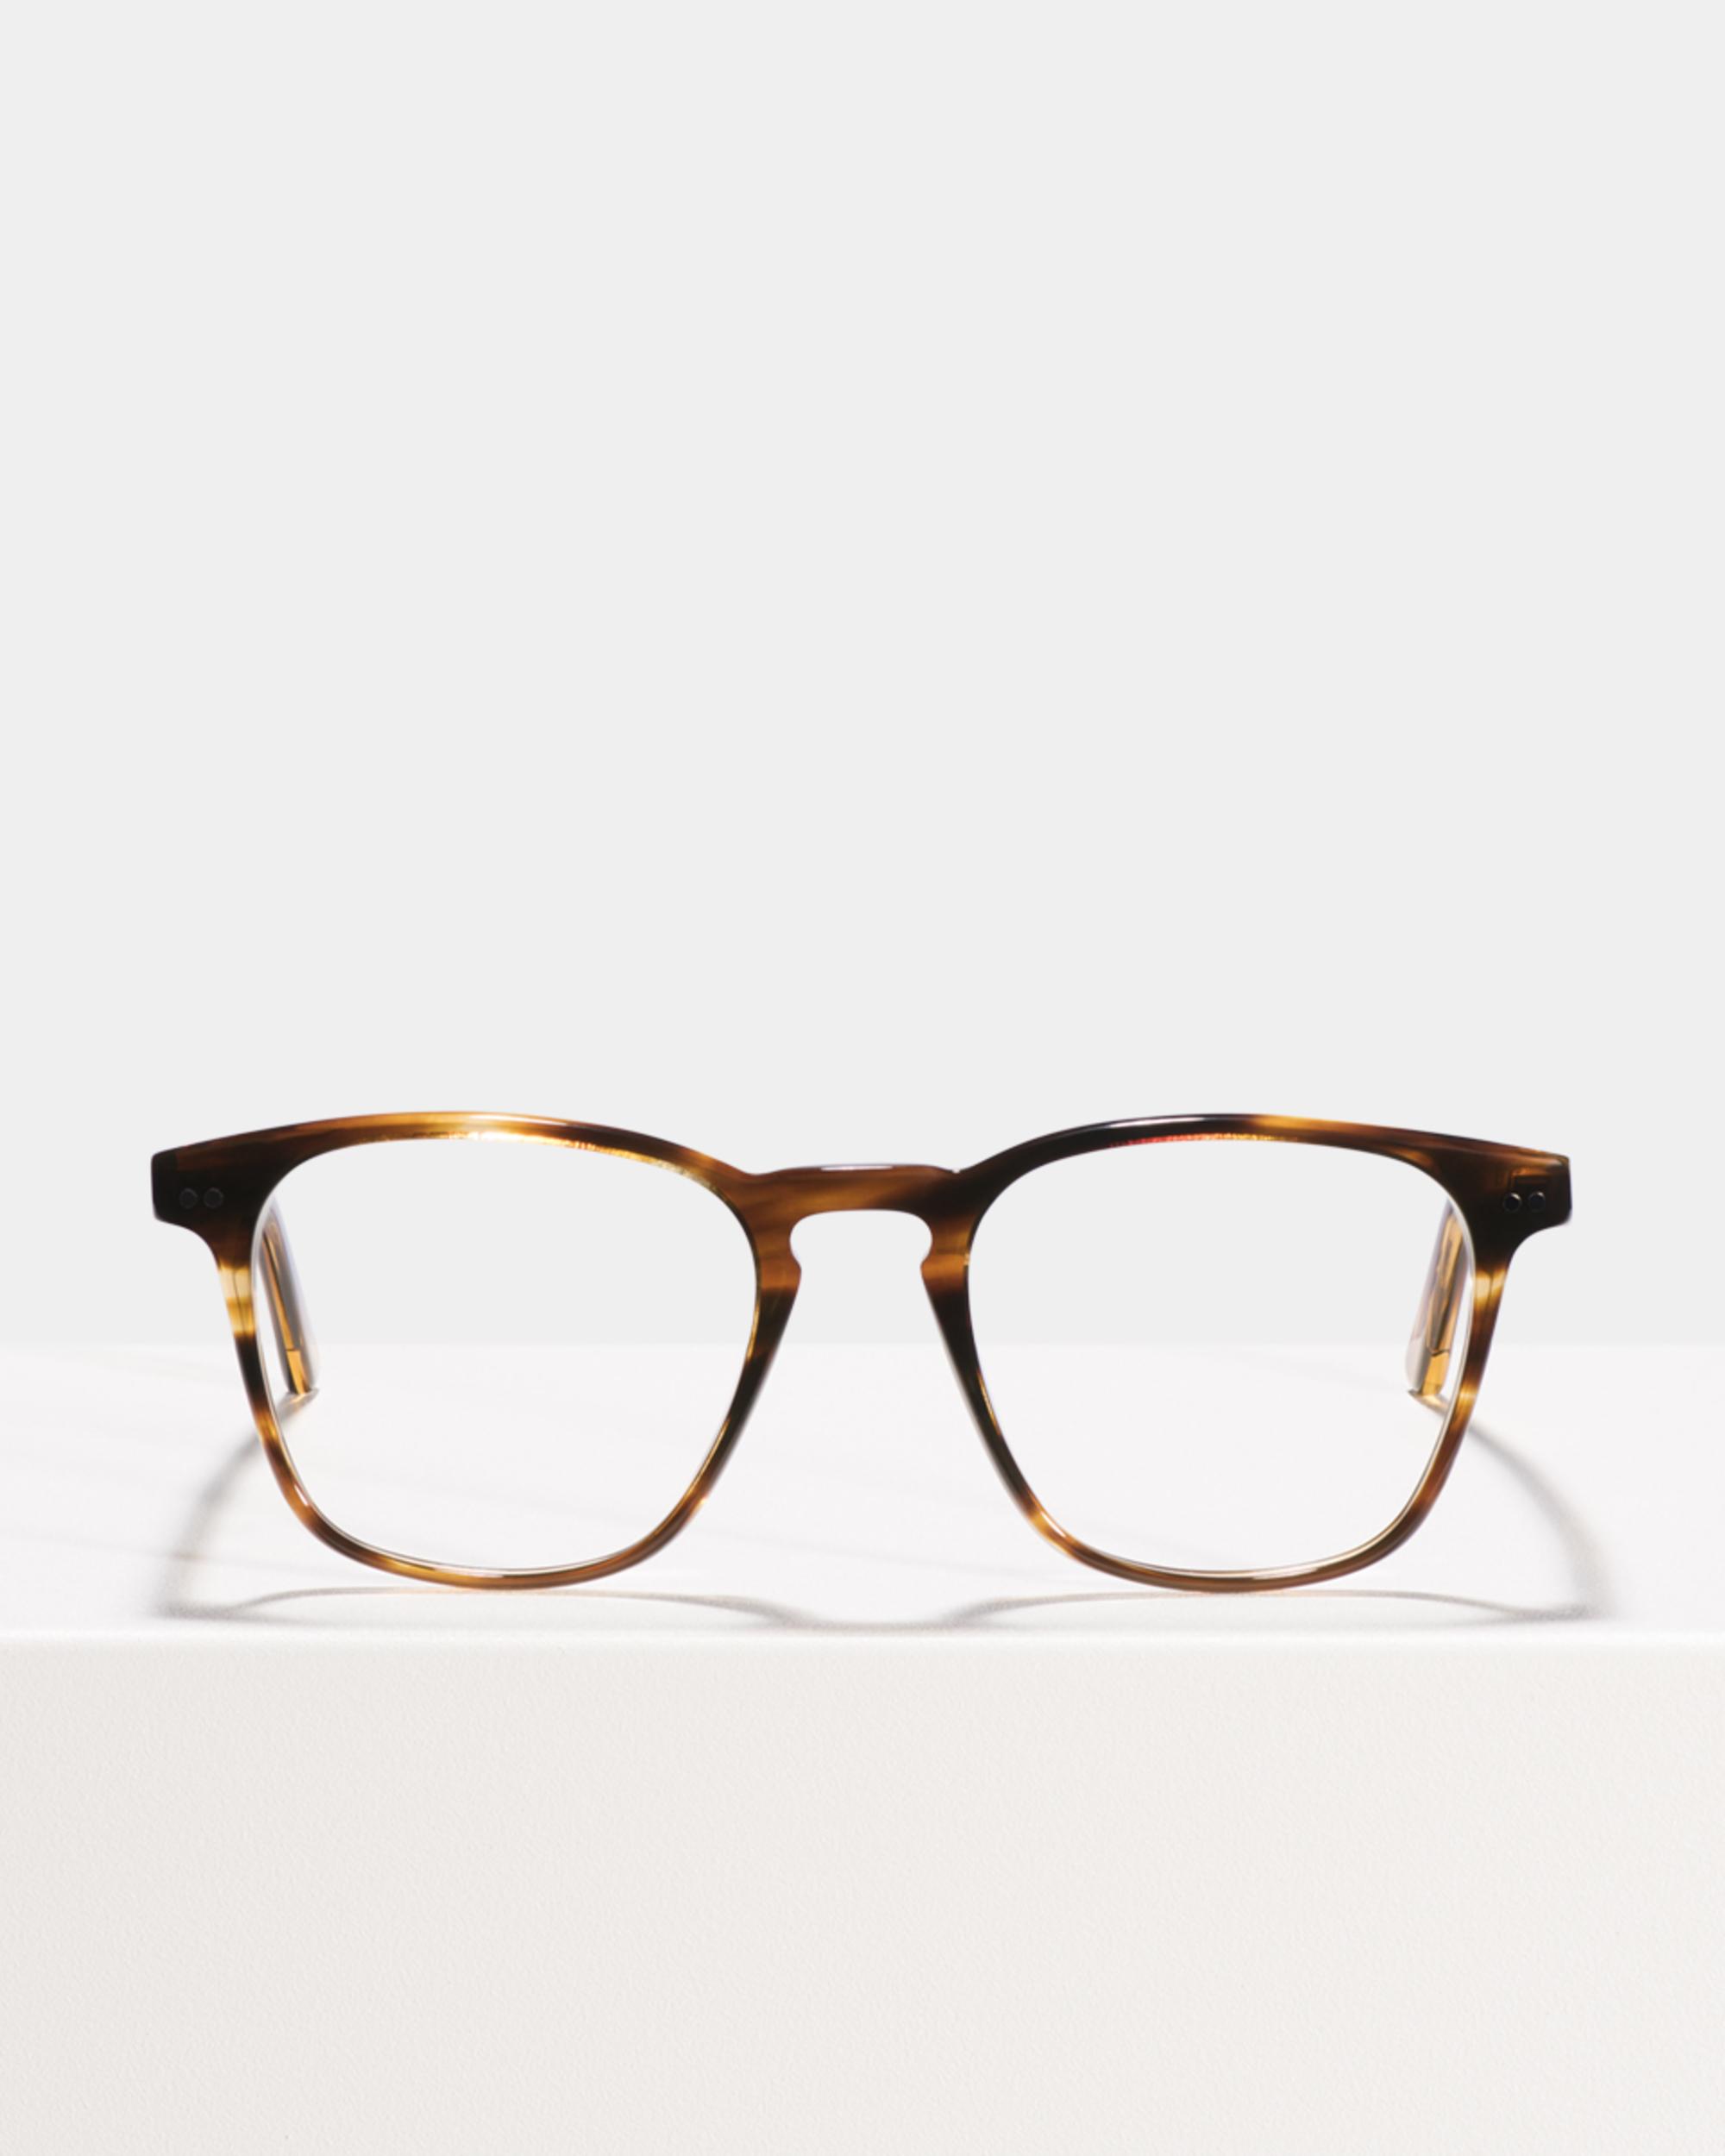 Ace & Tate Glasses | vierkant acetaat in Bruin, Oranje